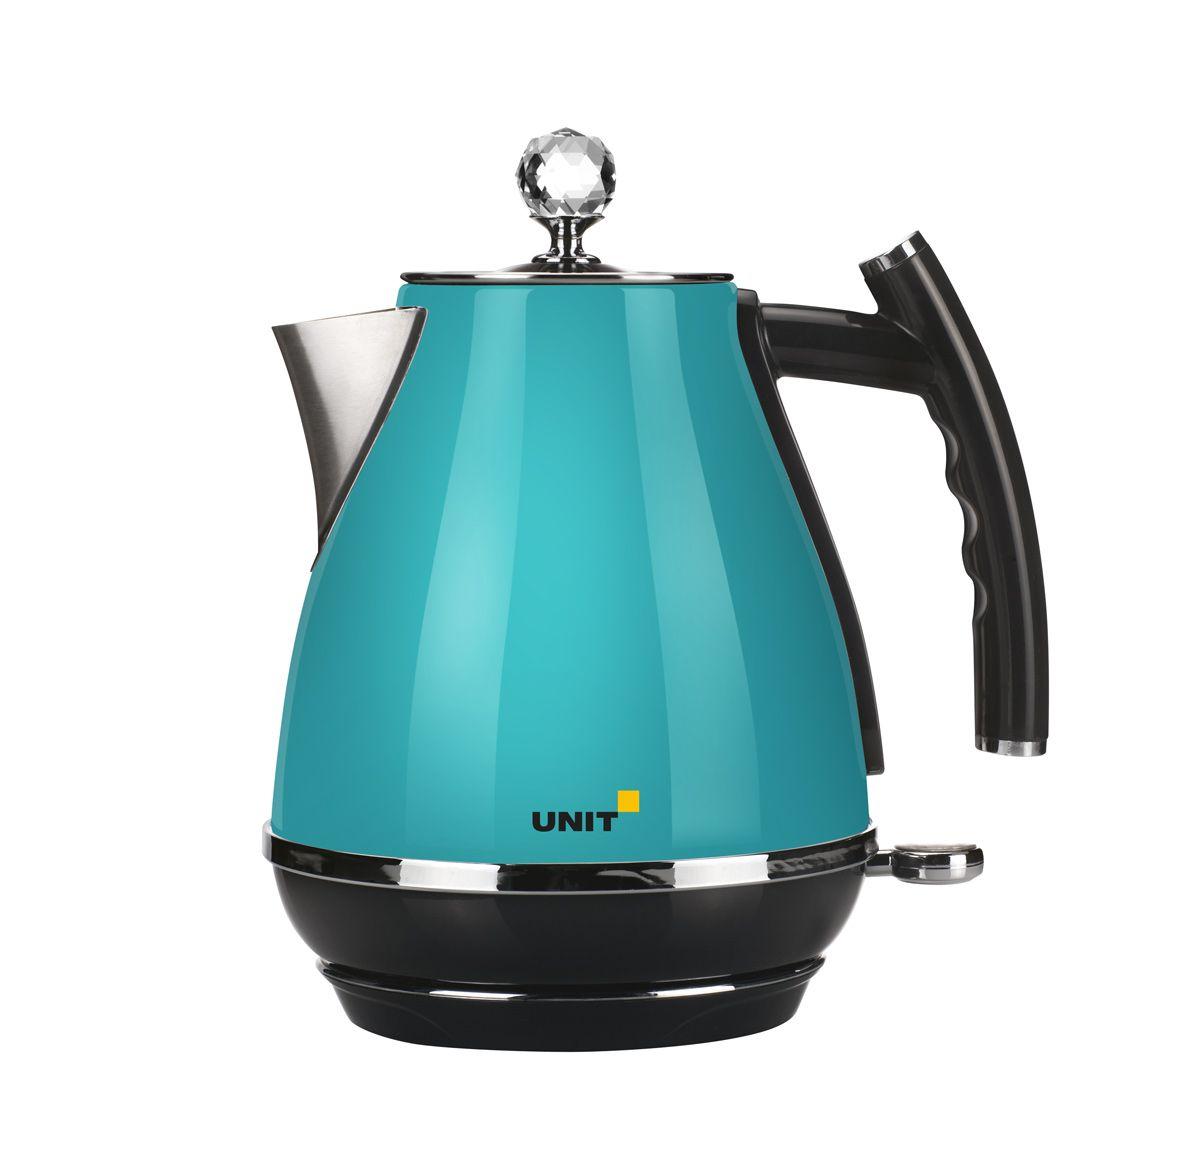 Unit UEK-263, Turquoise электрический чайникCE-0353953Электрический чайник Unit UEK-263 имеет стильный ретро-дизайн и три степени защиты:Защита от включения без водыАвтоматическое выключение при закипанииЗащита от перегреваСтильный металлический корпус безусловно впишется в любой кухонный интерьер. Съёмный фильтр от накипи задерживает даже ее мельчайшие частицы, а компактный сетевой шнур удобно прячется в подставку. Вращение на базе питания на 360° позволит вам удобно устанавливать прибор. Кнопка включения/выключения снабжена подсветкой и подскажет вам о работе прибора.